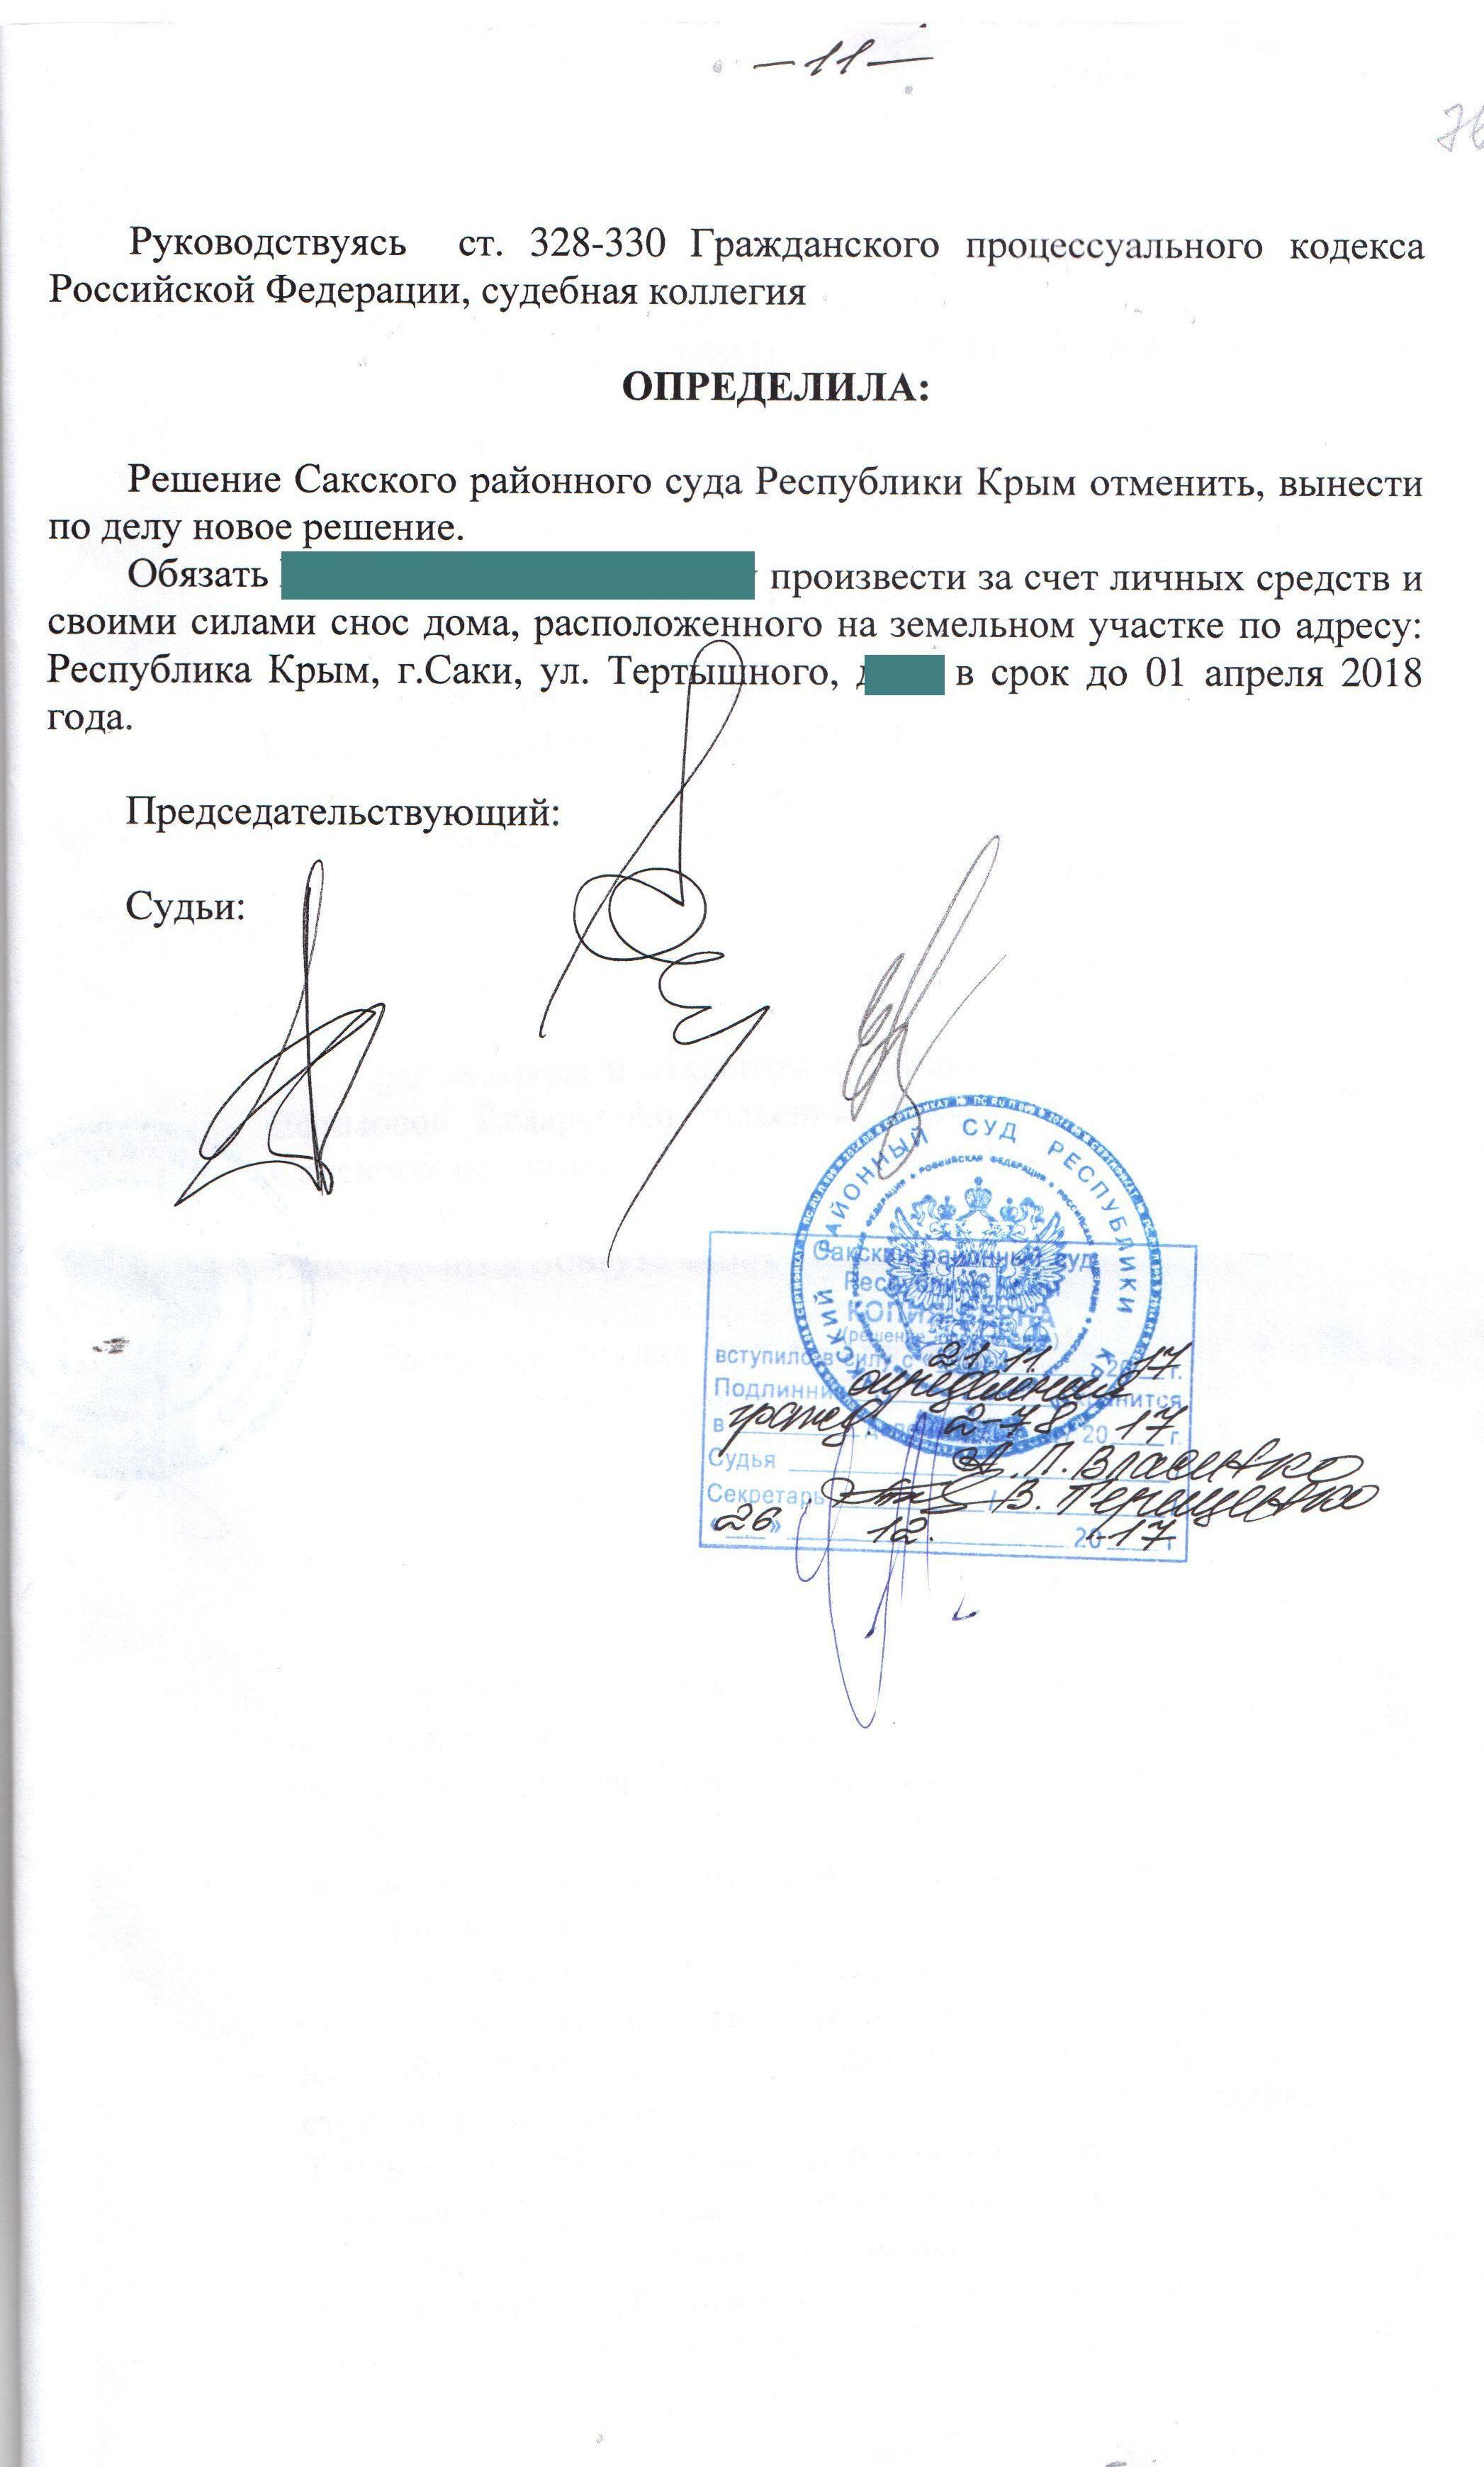 Снос самовольной постройки, Верховный суд Республики Крым